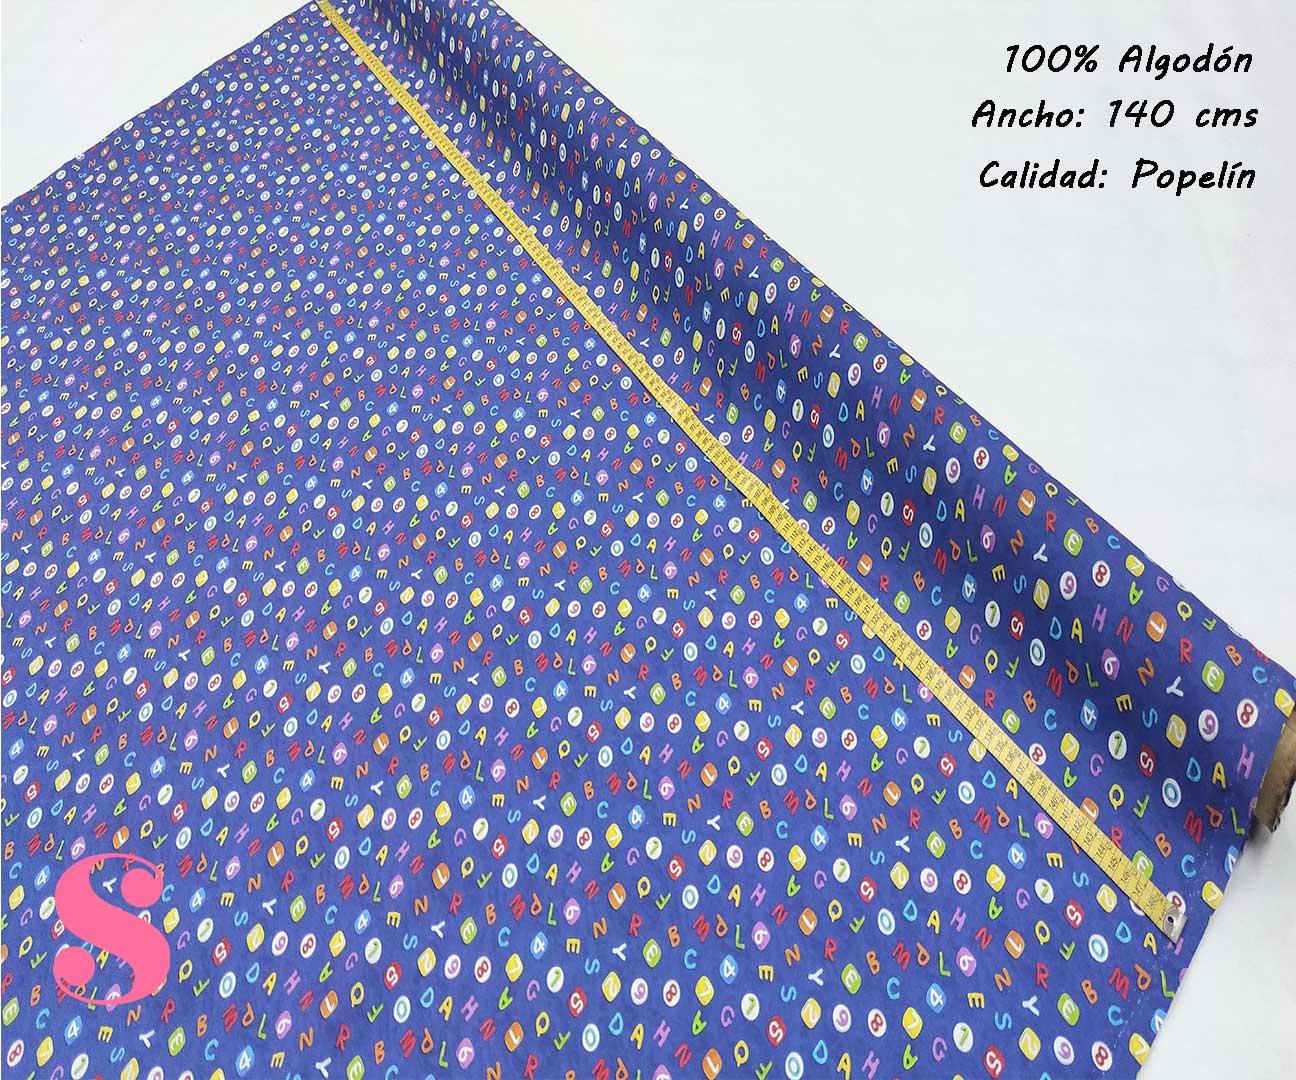 307-letras-abecedario-niños-tejidos-algodón-estampado-popelin,Popelín Estampado Abecedario y Números Azul